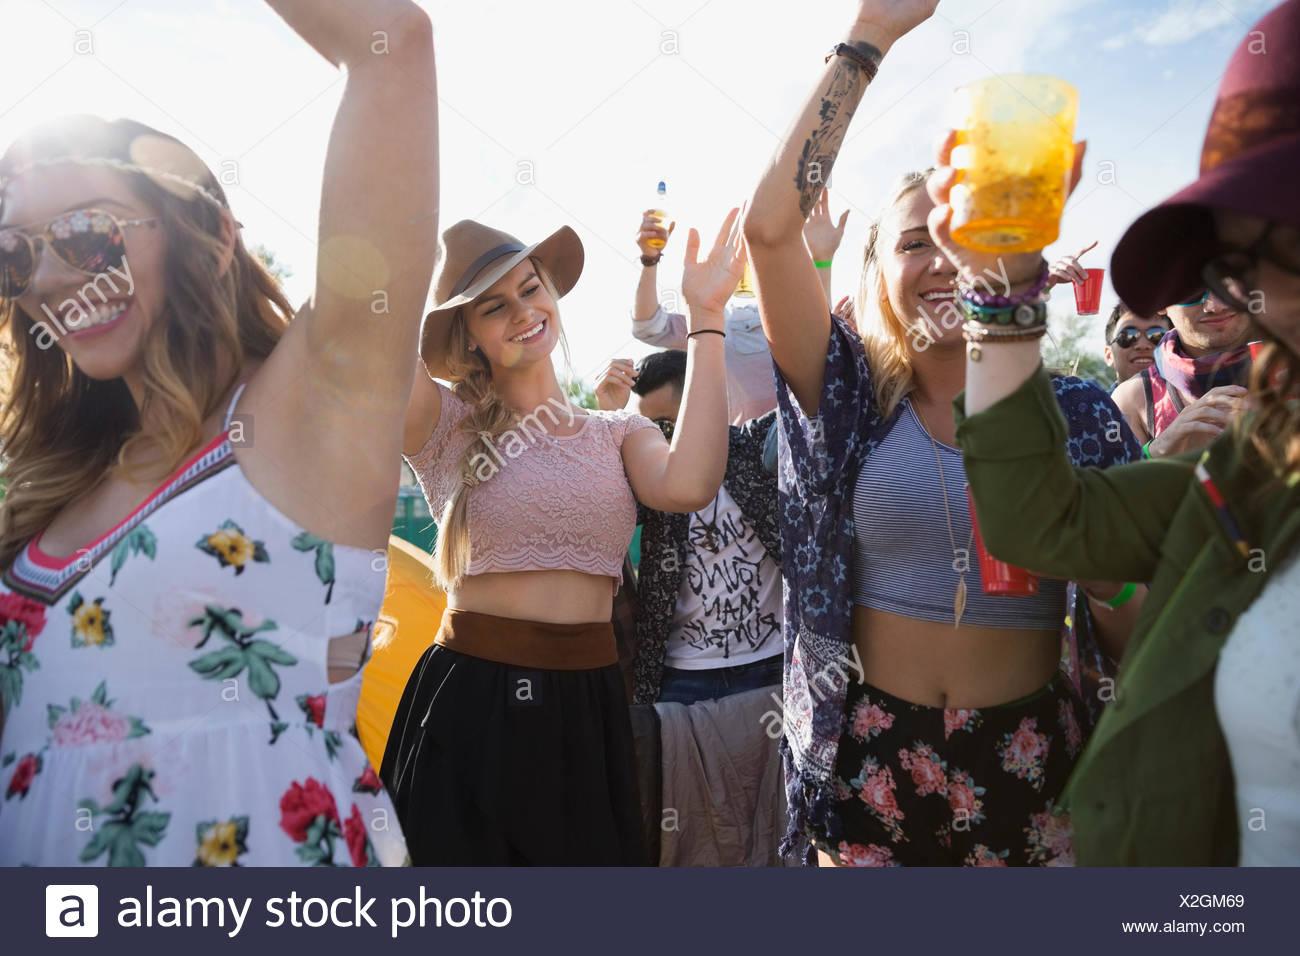 Giovane folla balli presso i festival estivi di musica Immagini Stock